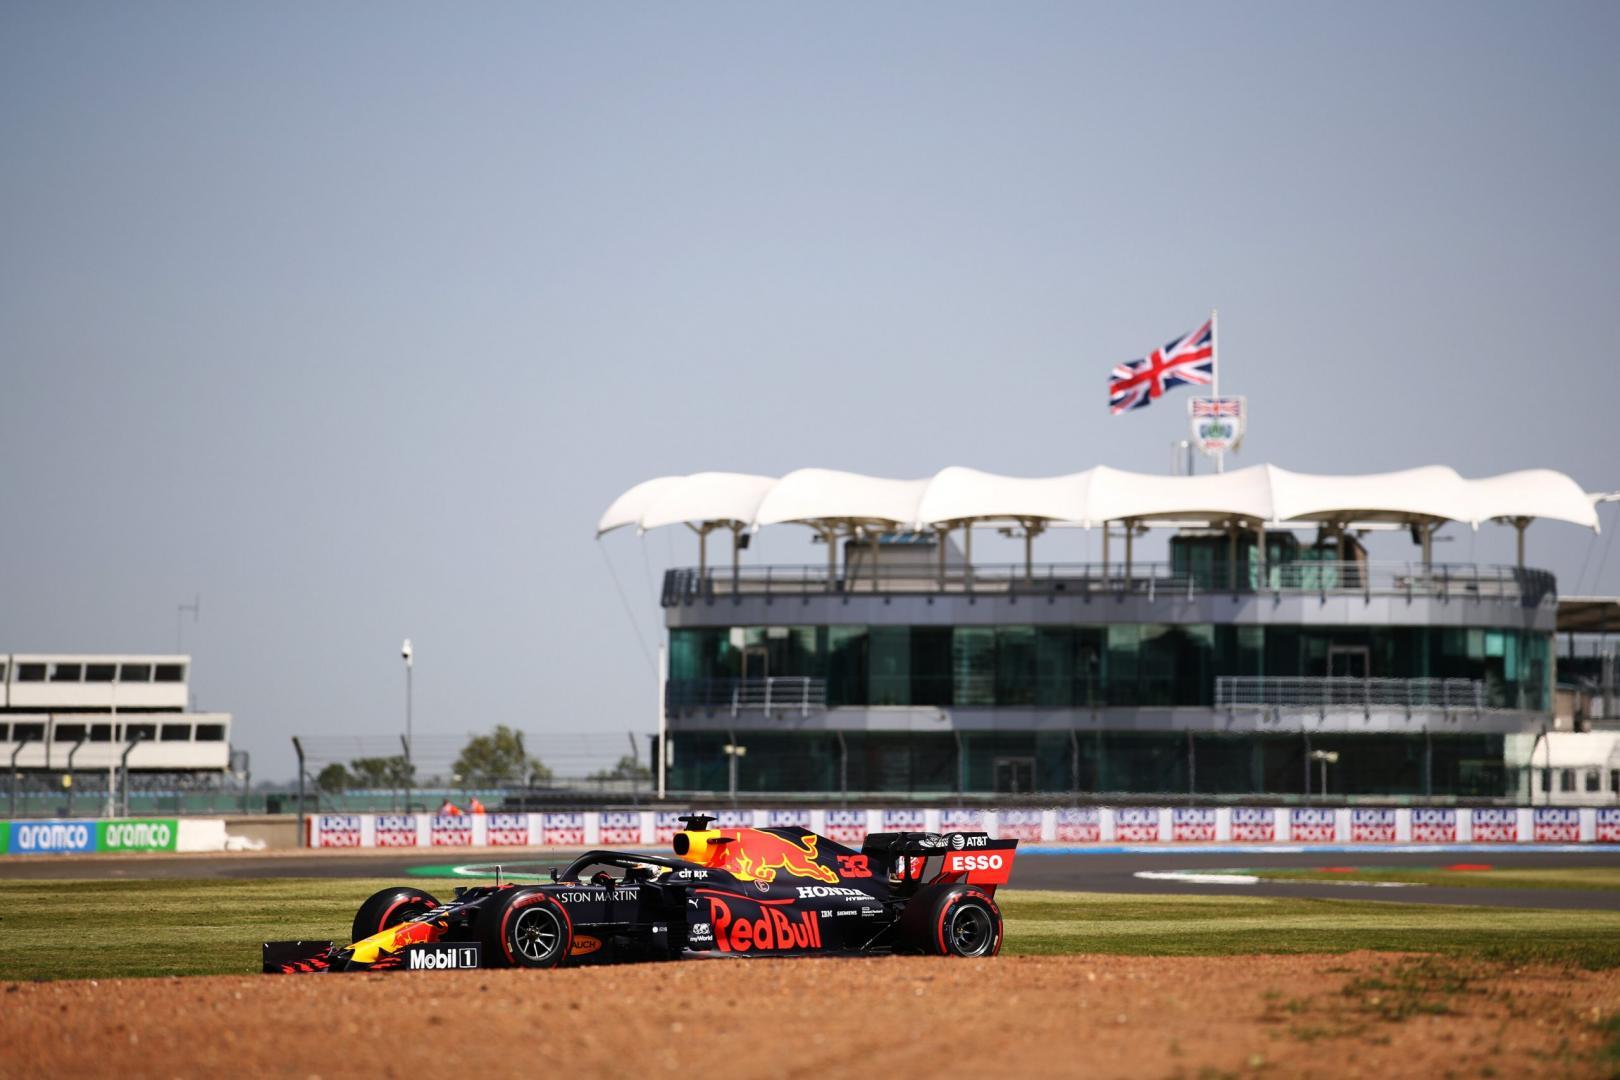 2e vrije training van de GP van Groot-Brittannië 2020